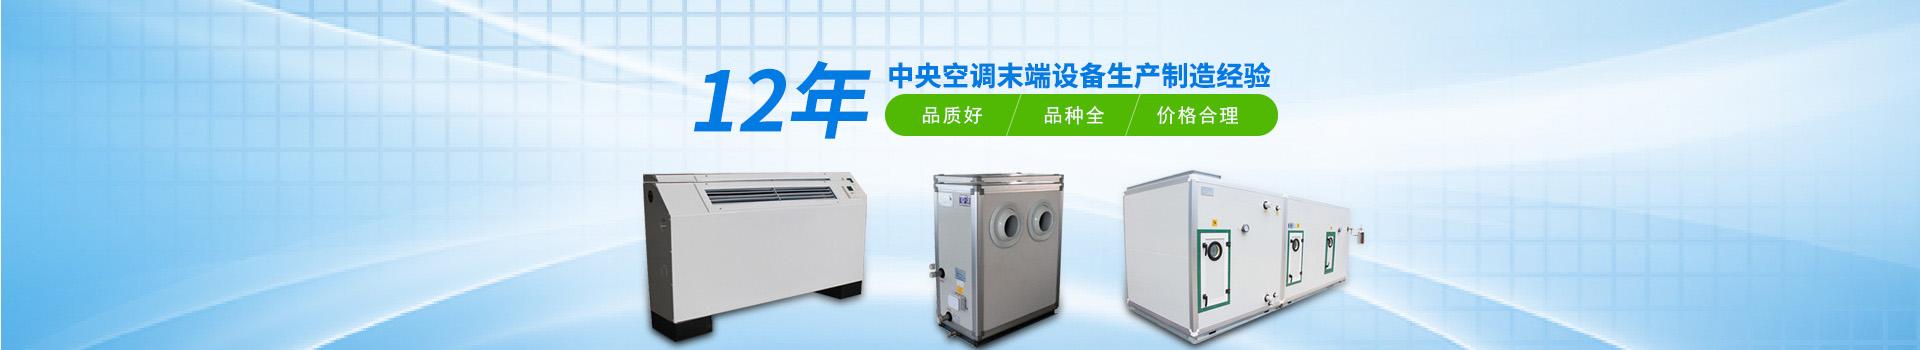 12年中央空调末端设备生产制造经验  卓越品质 齐全品种 至高性价比